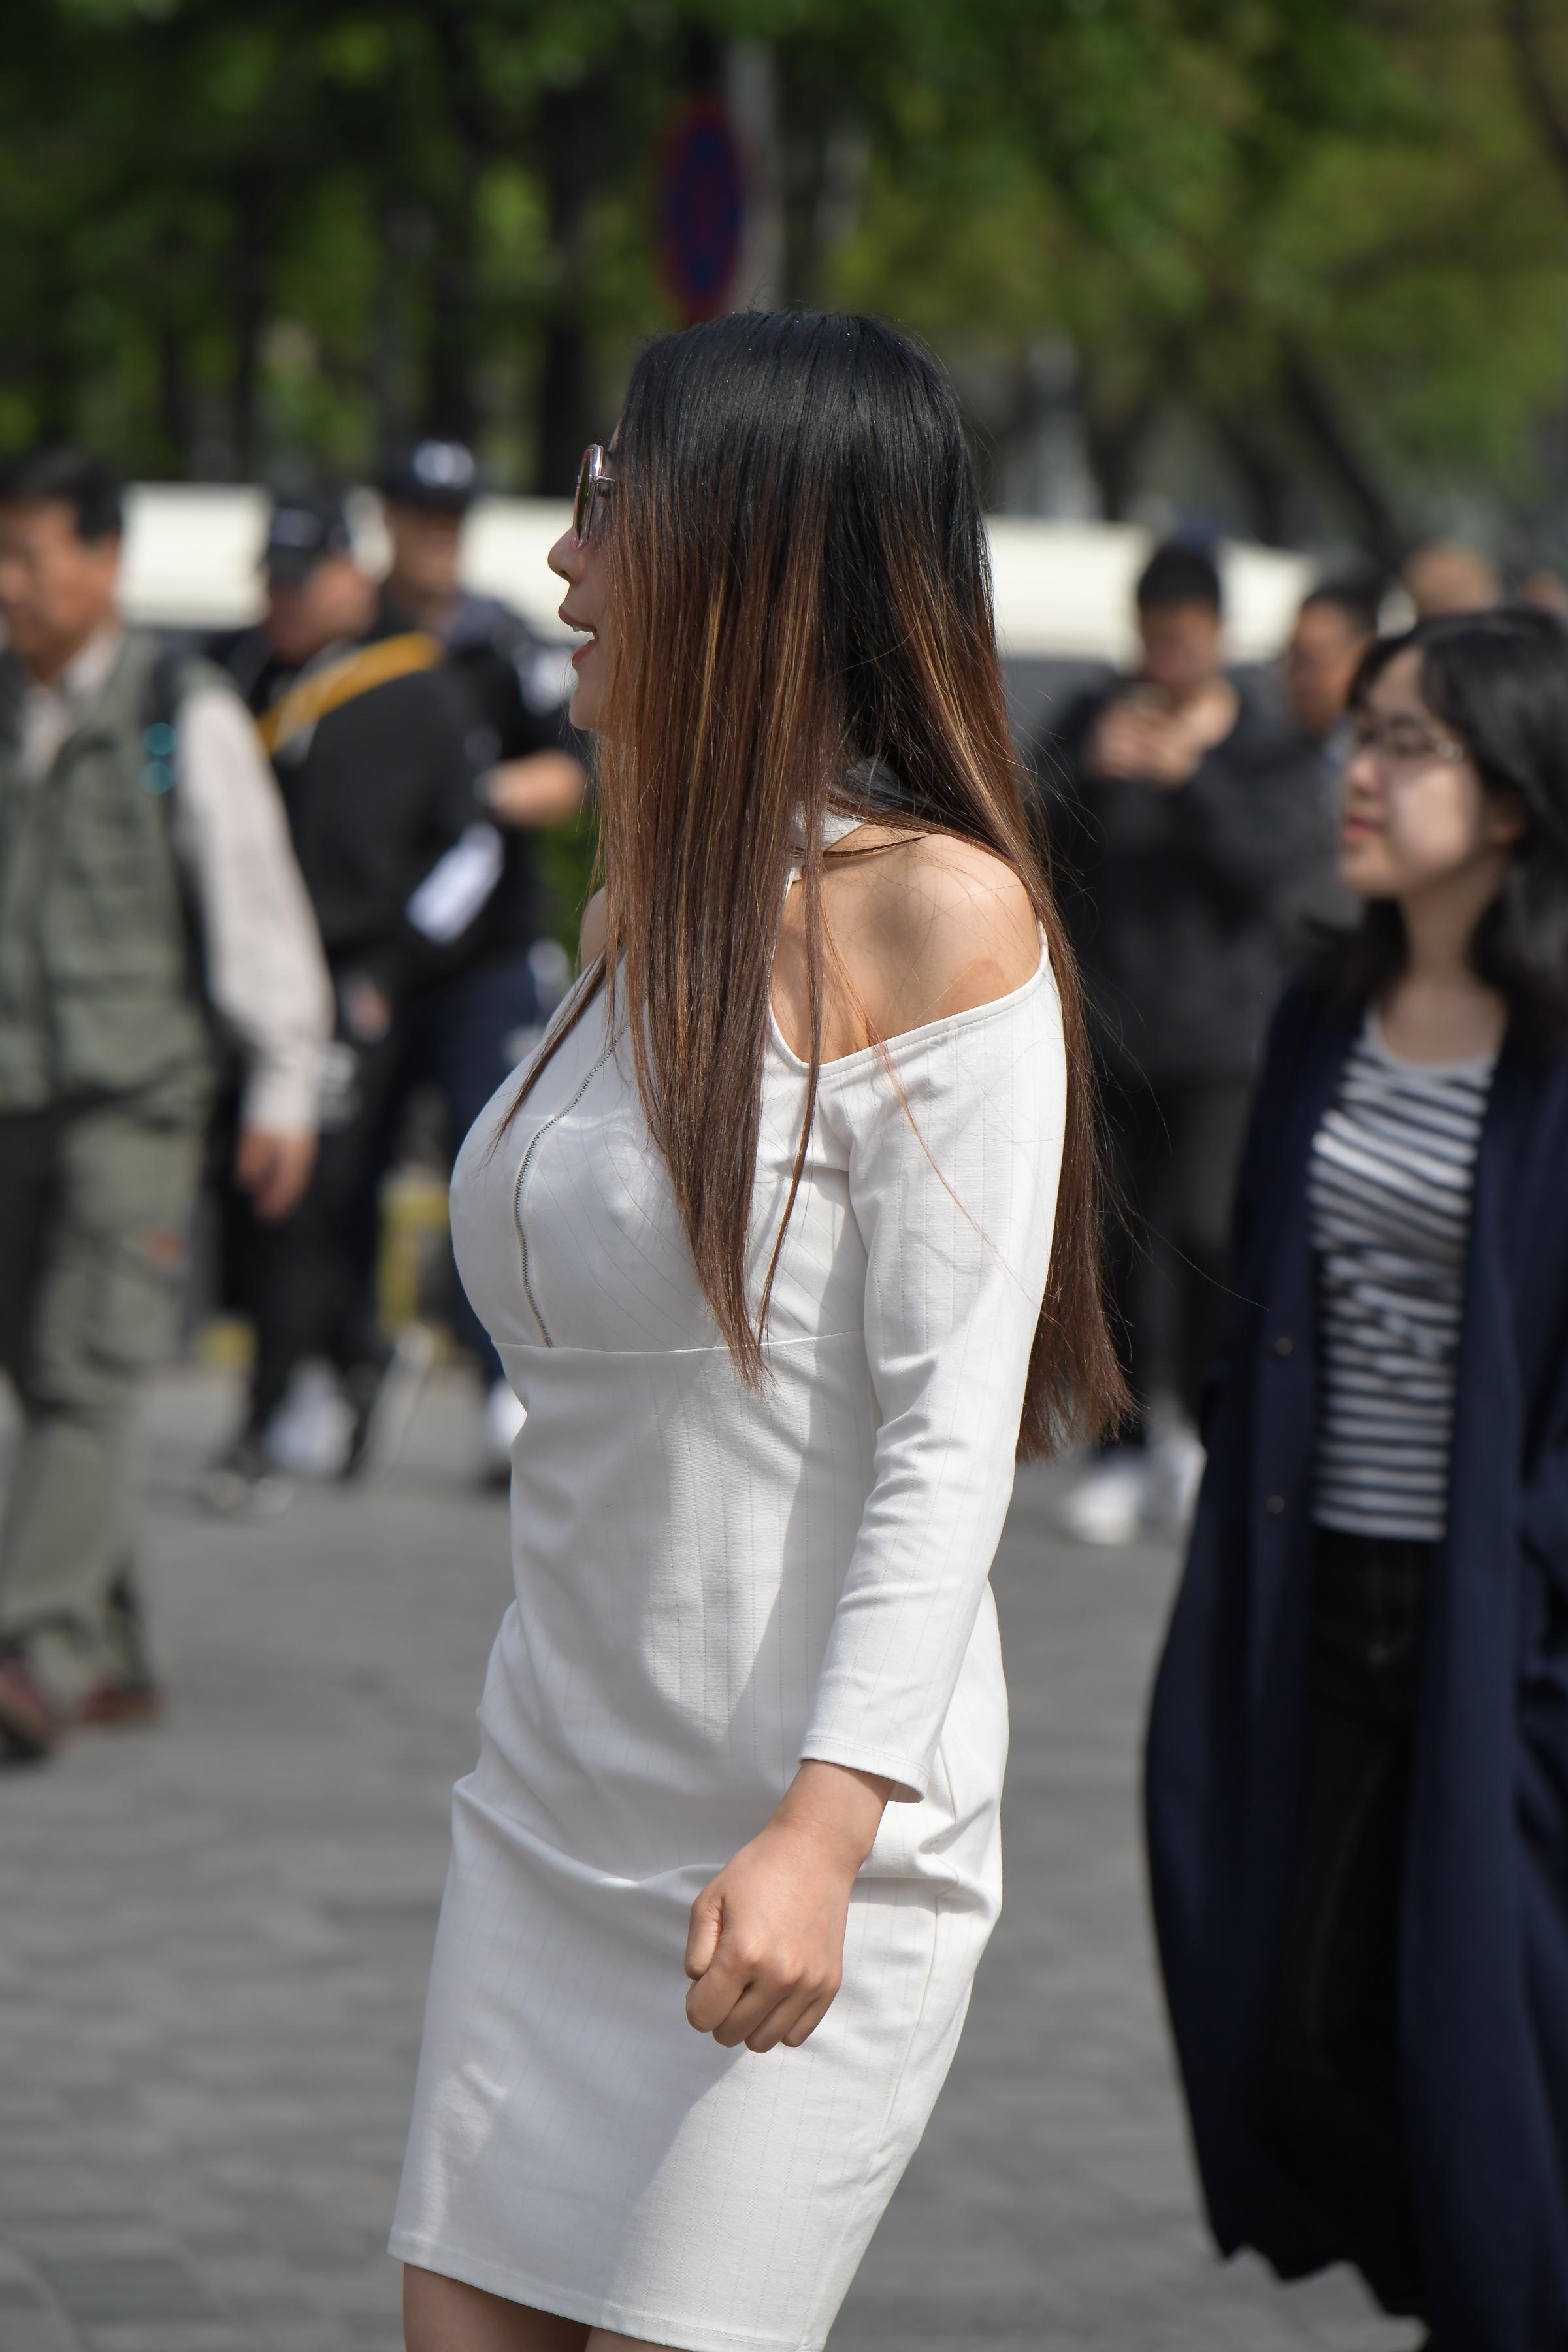 白色套装丽人, 高跟大挺之美,vip好明星穿短靴街拍友尊享58张原图下载